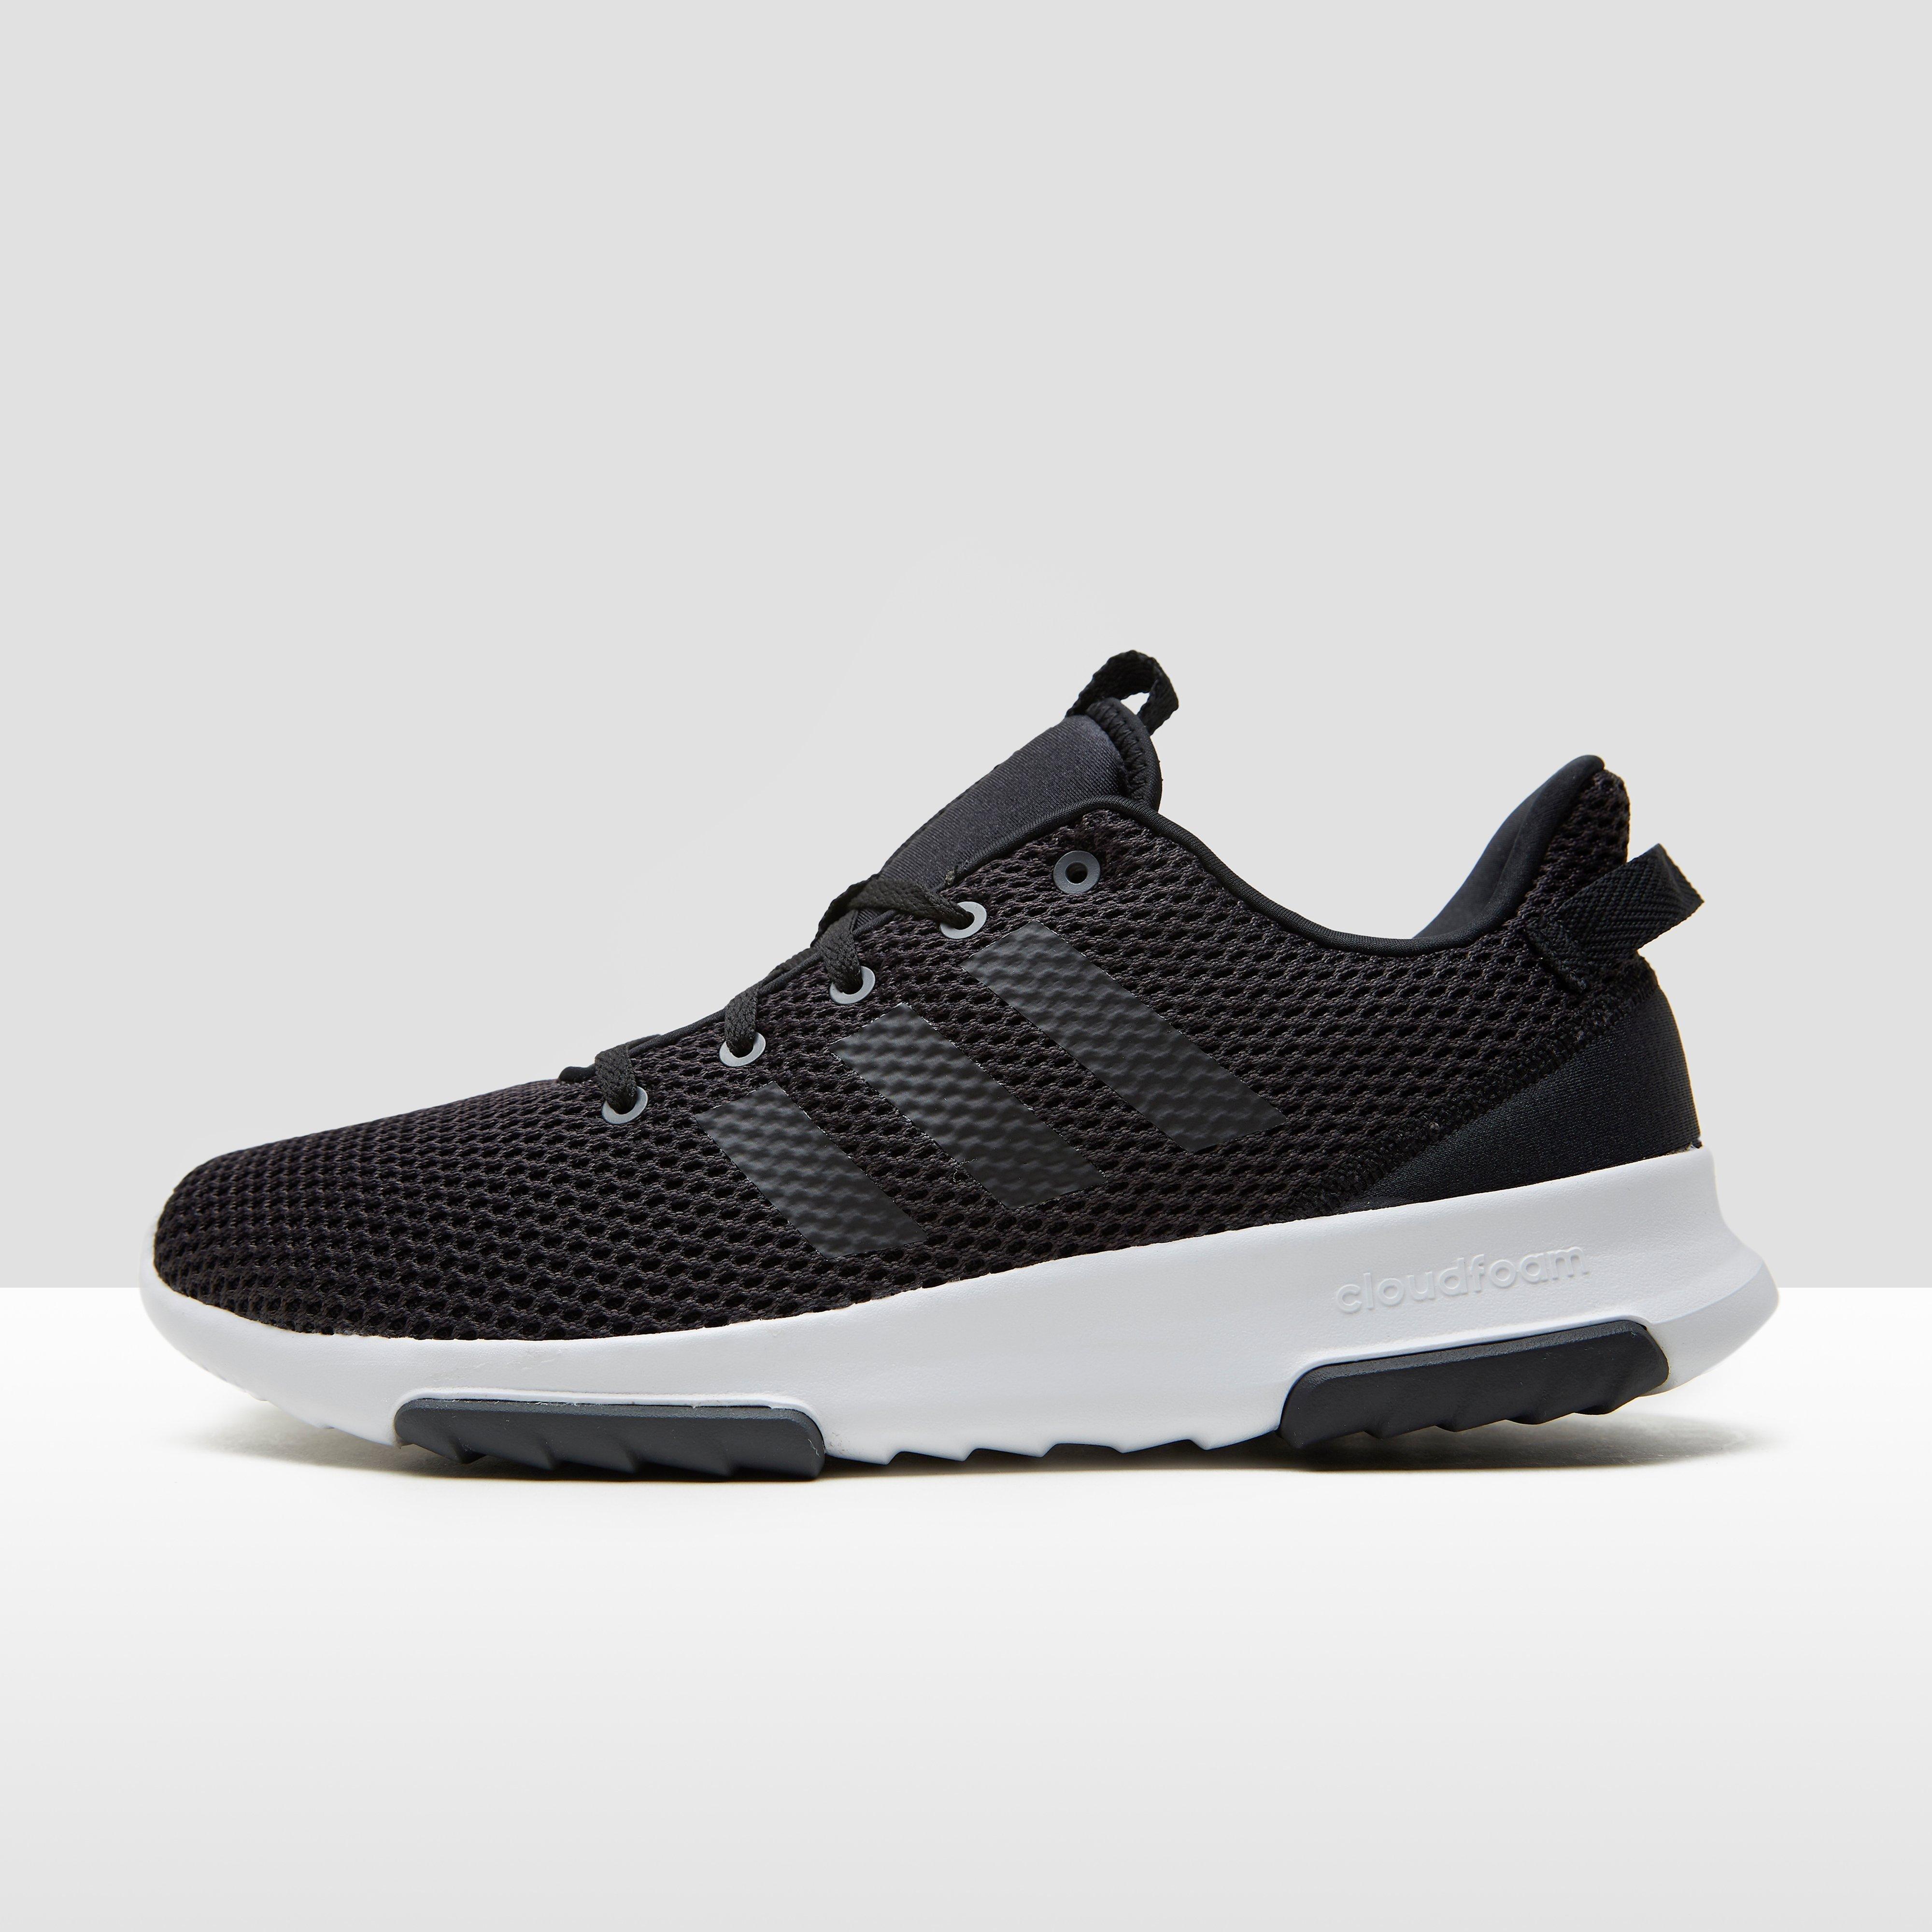 sportschoenen adidas heren